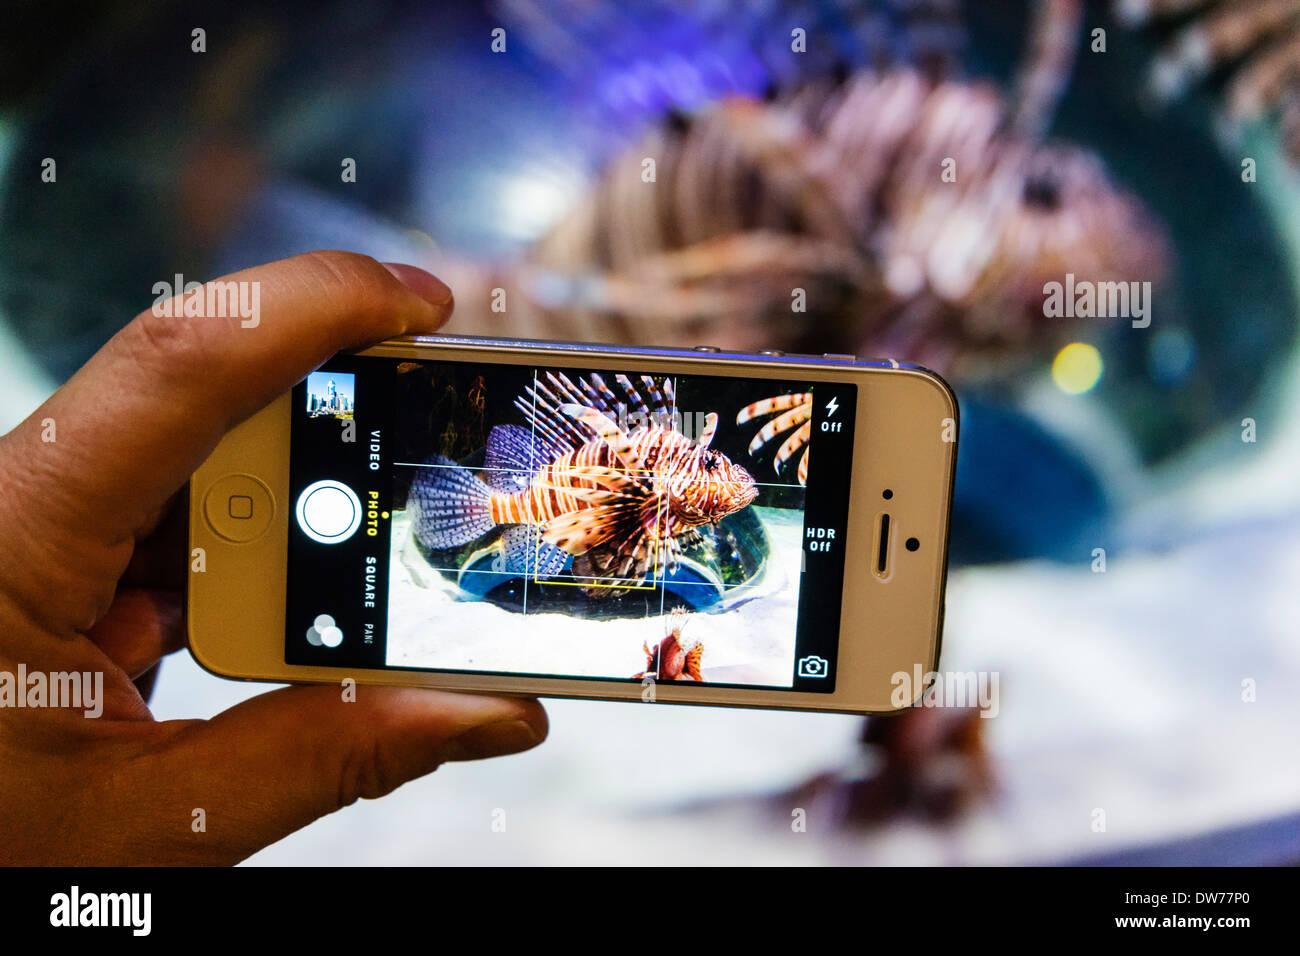 Photographier un poisson-papillon avec téléphone appareil photo au Zoo sous-marin à l'aquarium de Dubai Mall en Émirats Arabes Unis Photo Stock